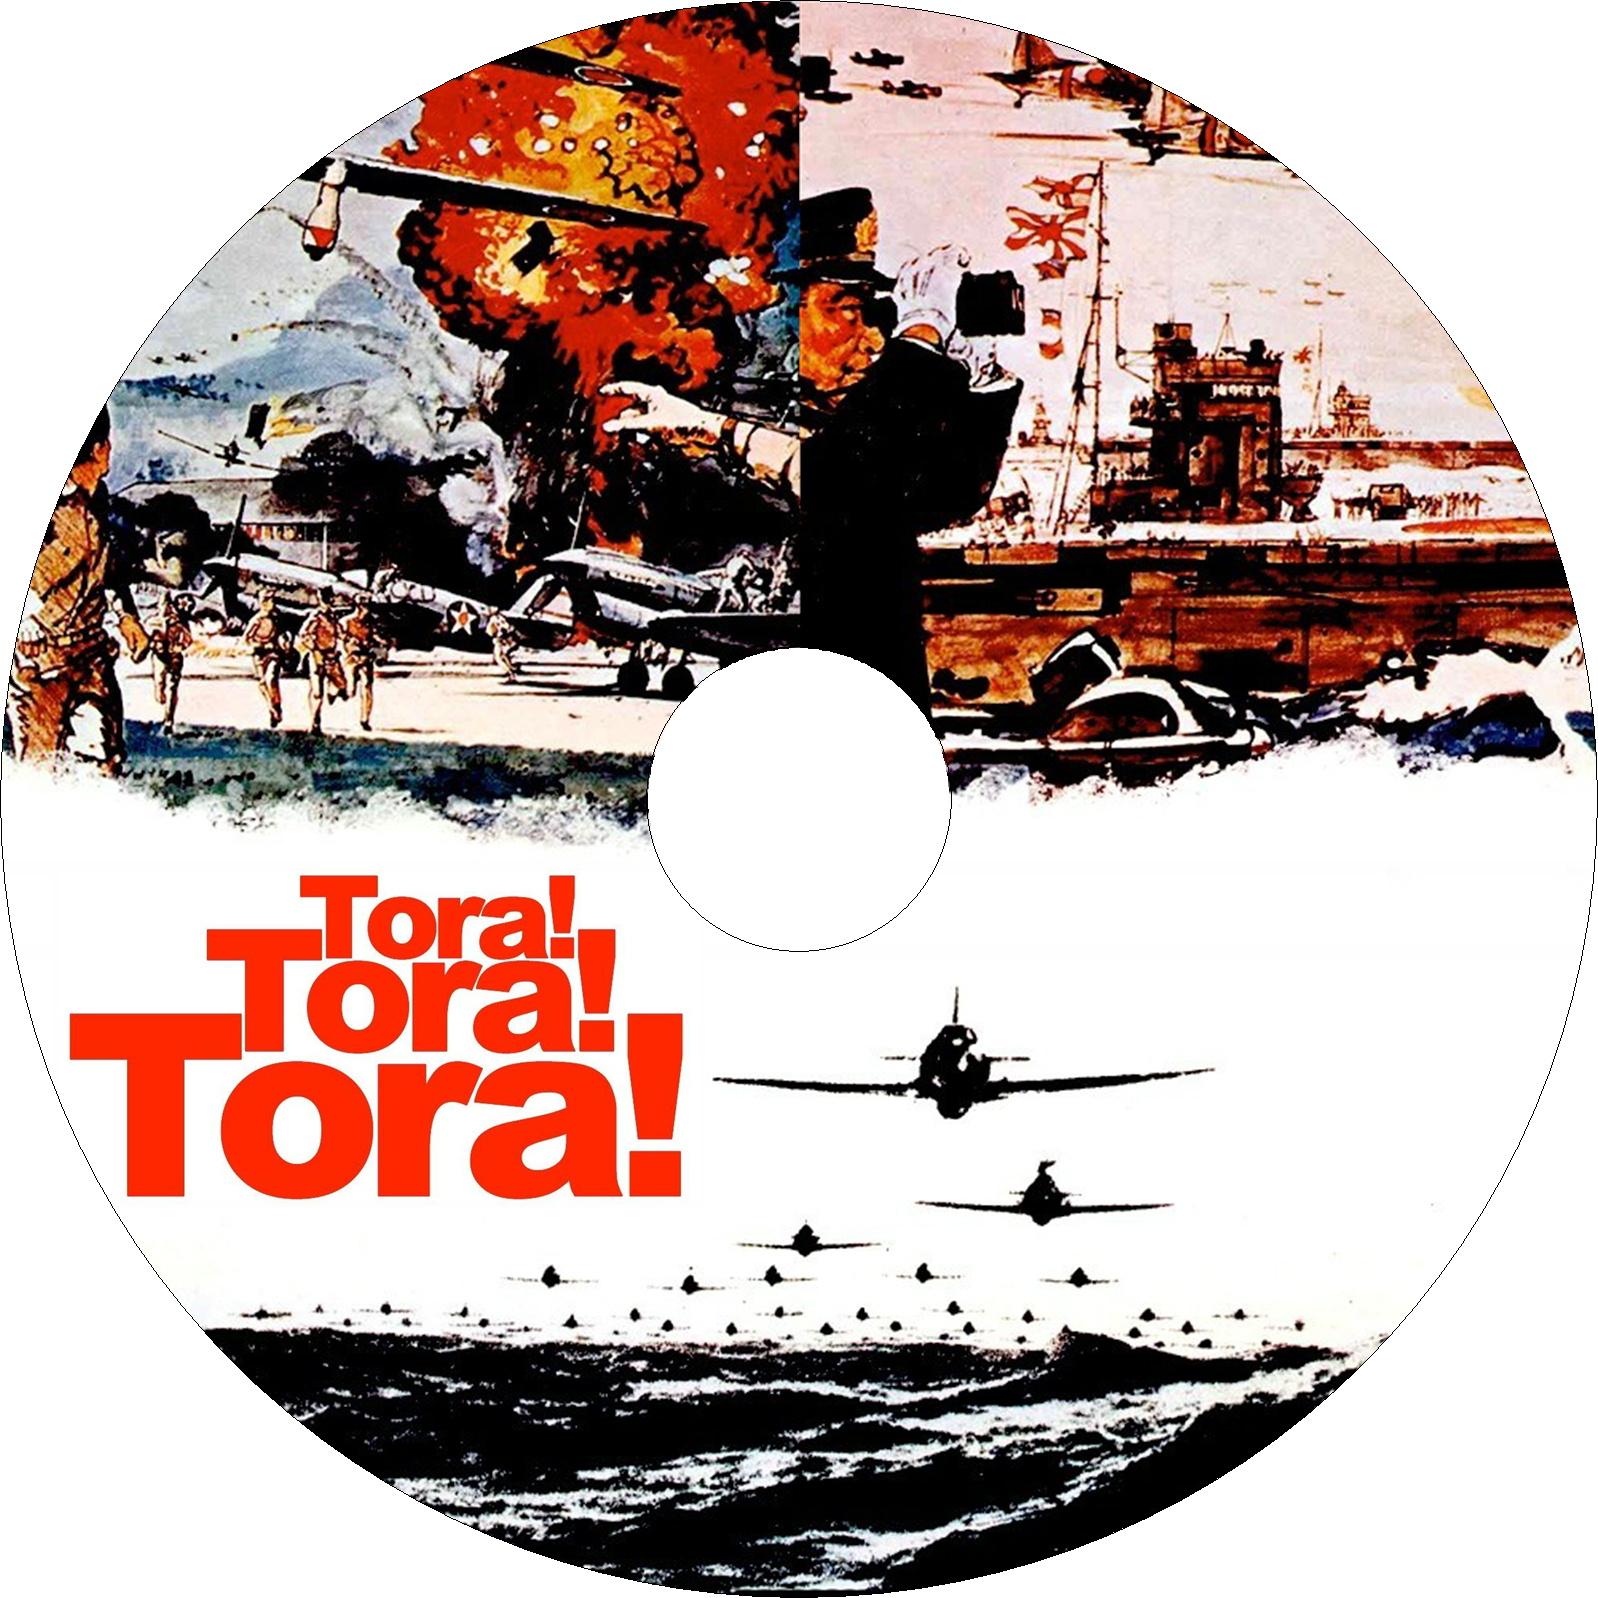 Tora! Tora! Tora! ラベル